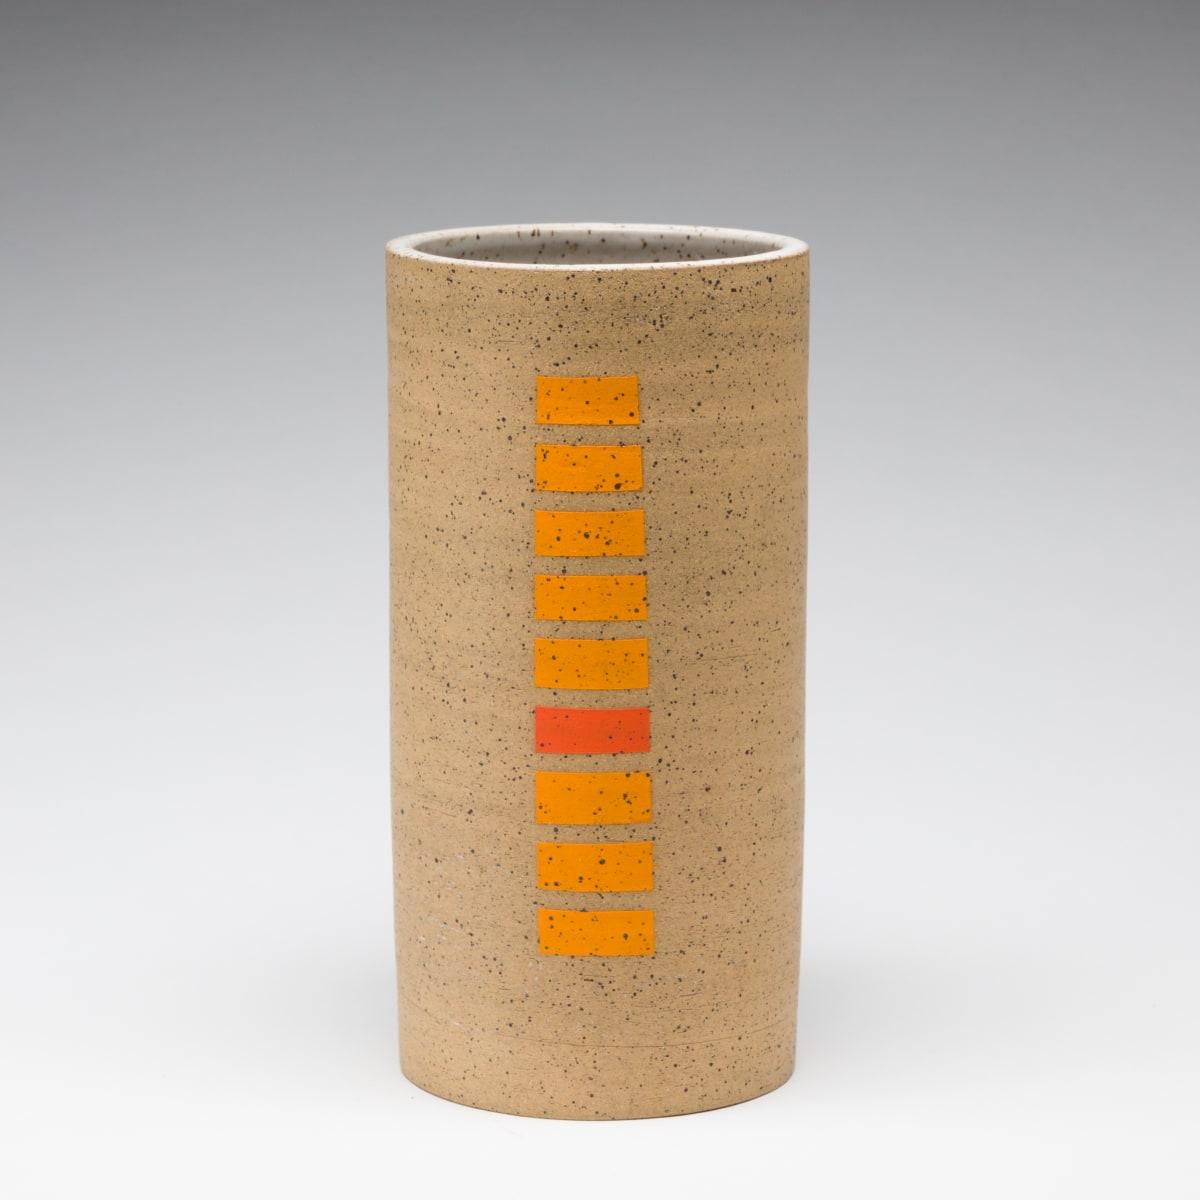 Rachel Donner, Speckled Vase with Orange Rectangles, 2019